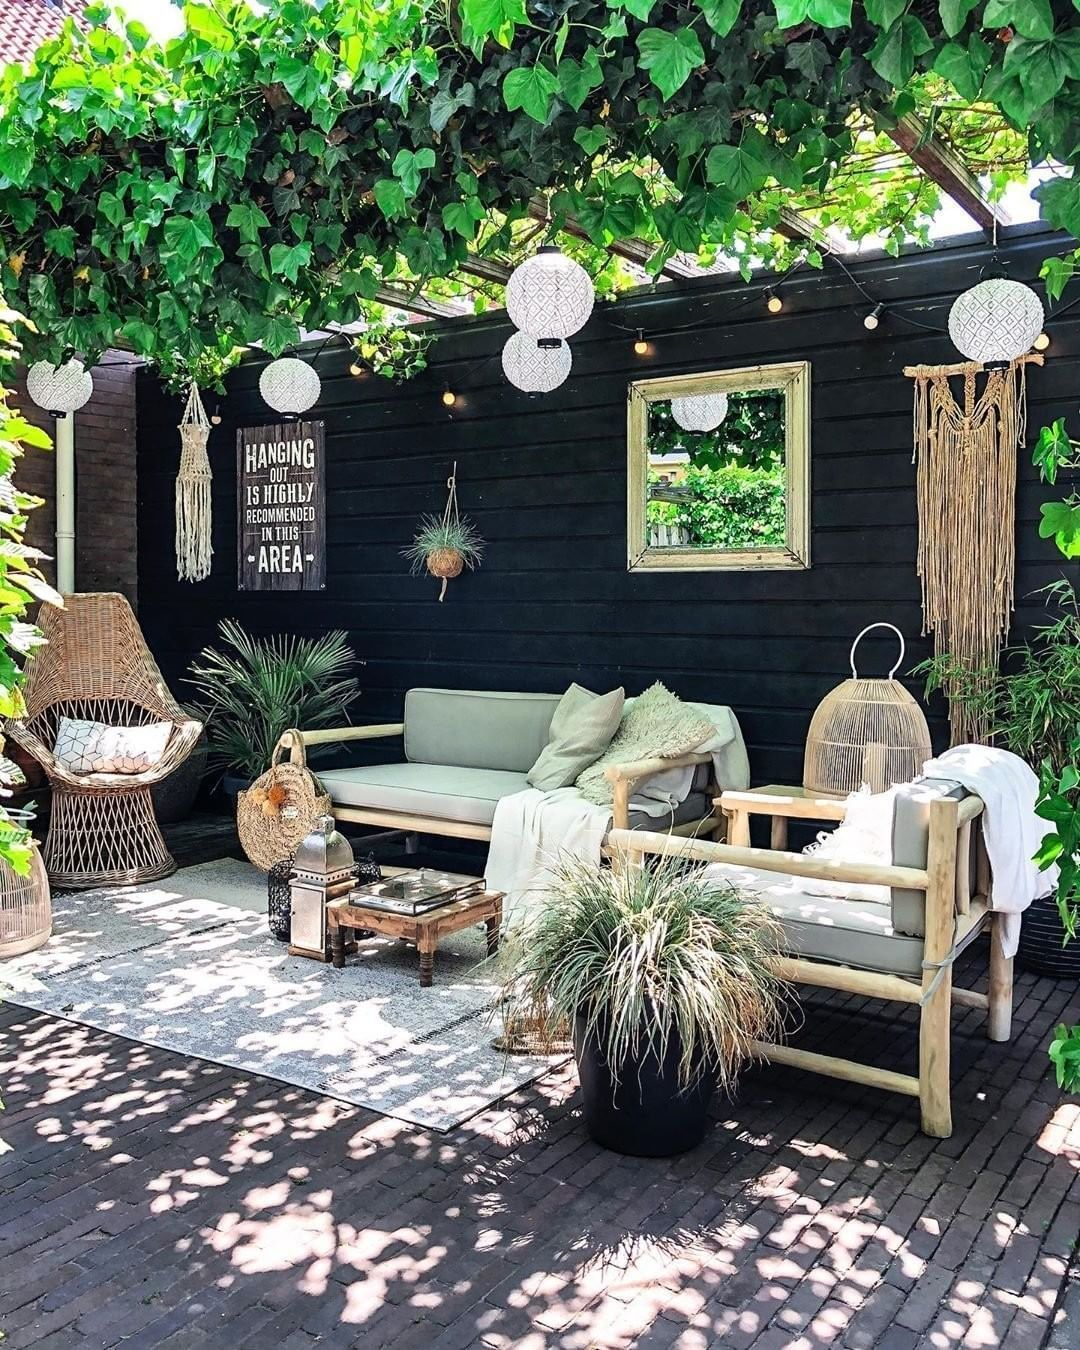 Bon Photos pergola vines RéflexionsBetter Homes  Gardens sur Instagram andreagroots Hof Bon Photos pergola vines Réflexions Better Homes  Gardens sur Instag...